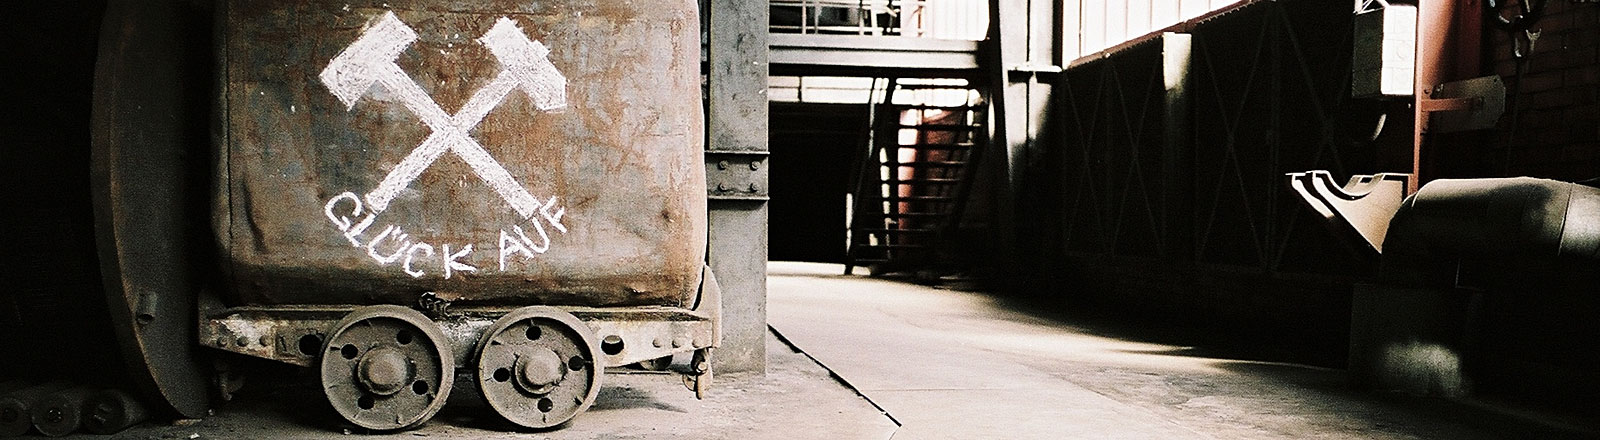 """Eine Lore mit der Aufschrift """"Glück Auf"""" in der Zeche Zollverein in Essen"""